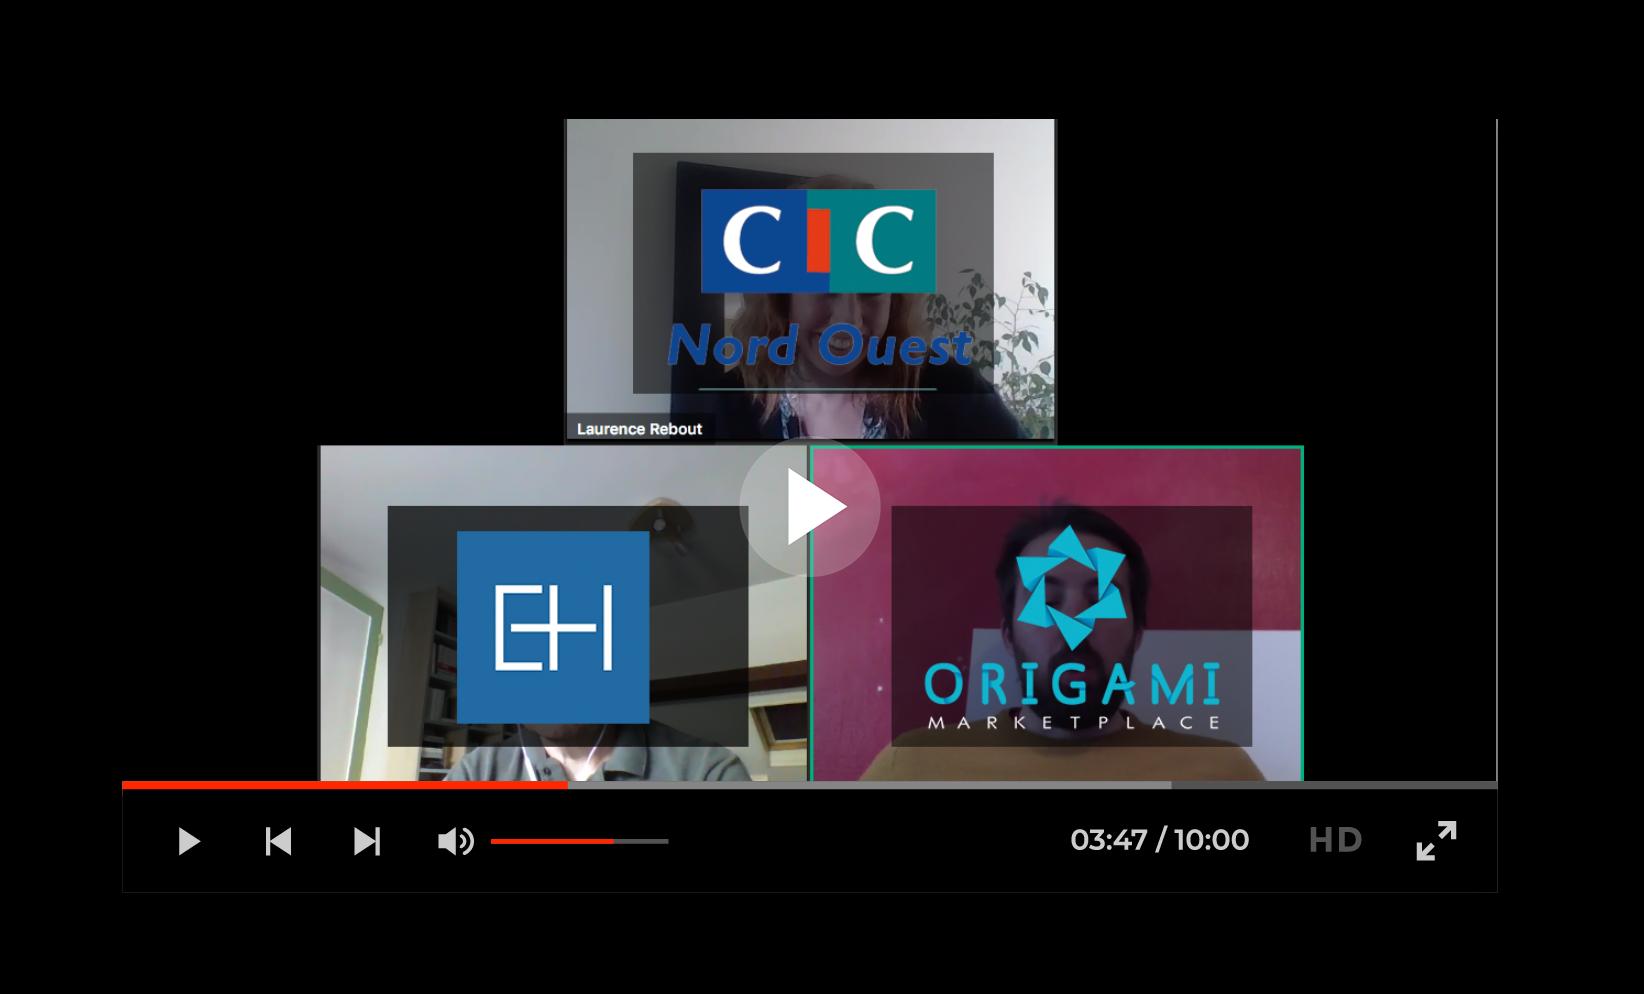 Le webinar marketplace avec le CIC et Euler Hermes